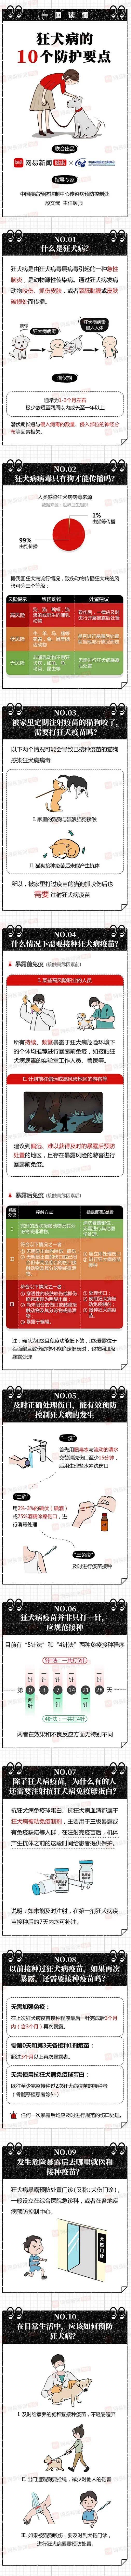 【科普】一图读懂狂犬病的10个防护要点